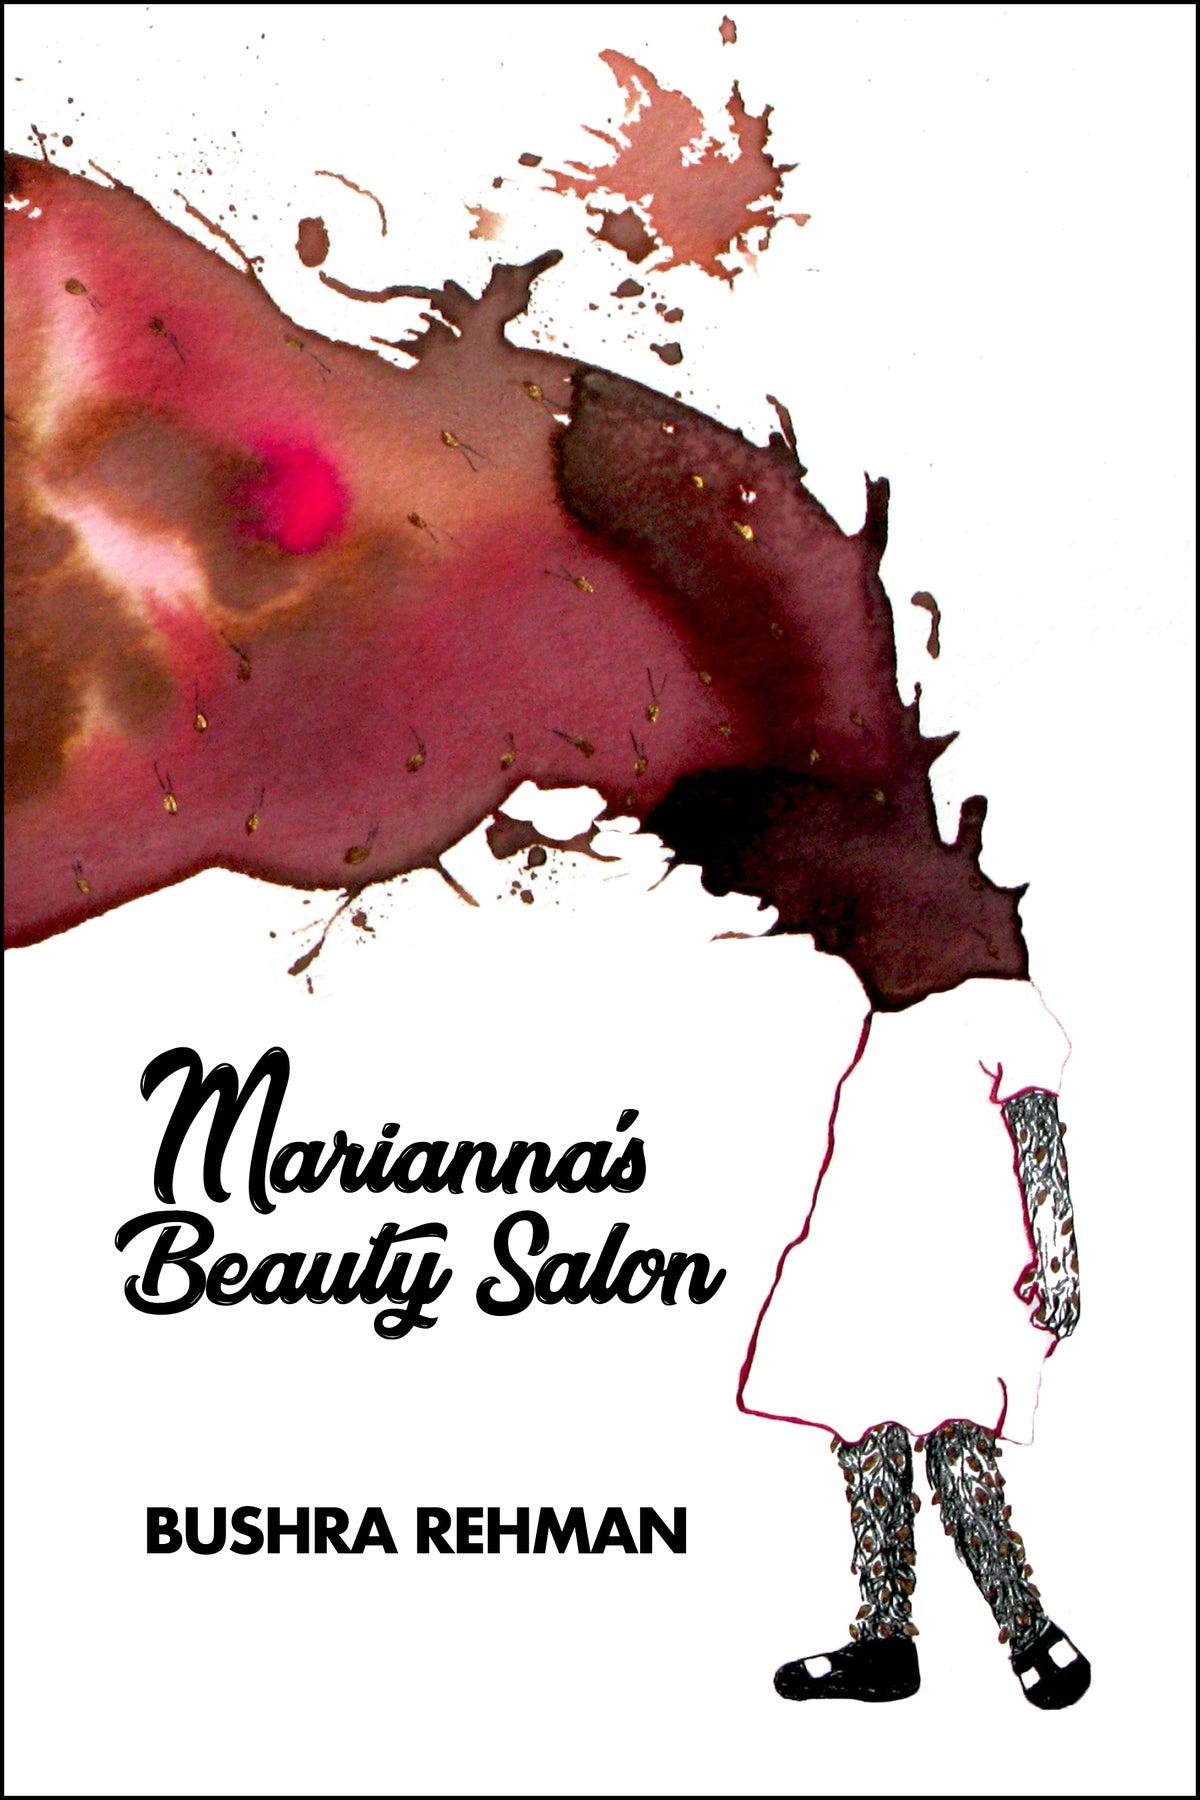 Image of Marianna's Beauty Salon by Bushra Rehman